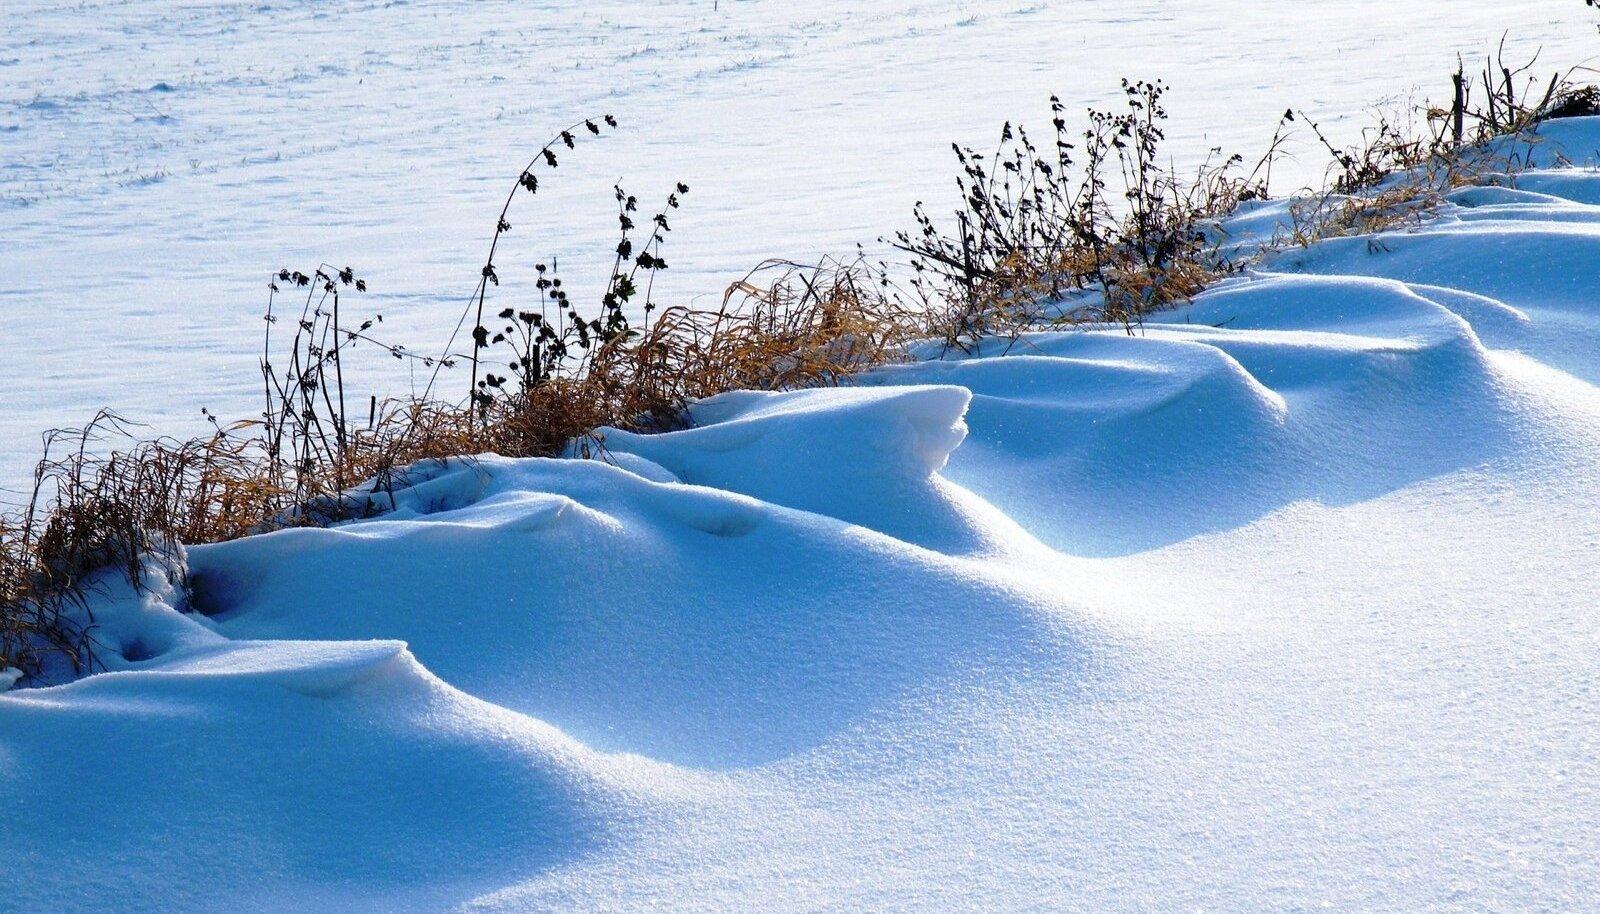 Talvisele maastikule lisavad graafikat kuivanud taimed.